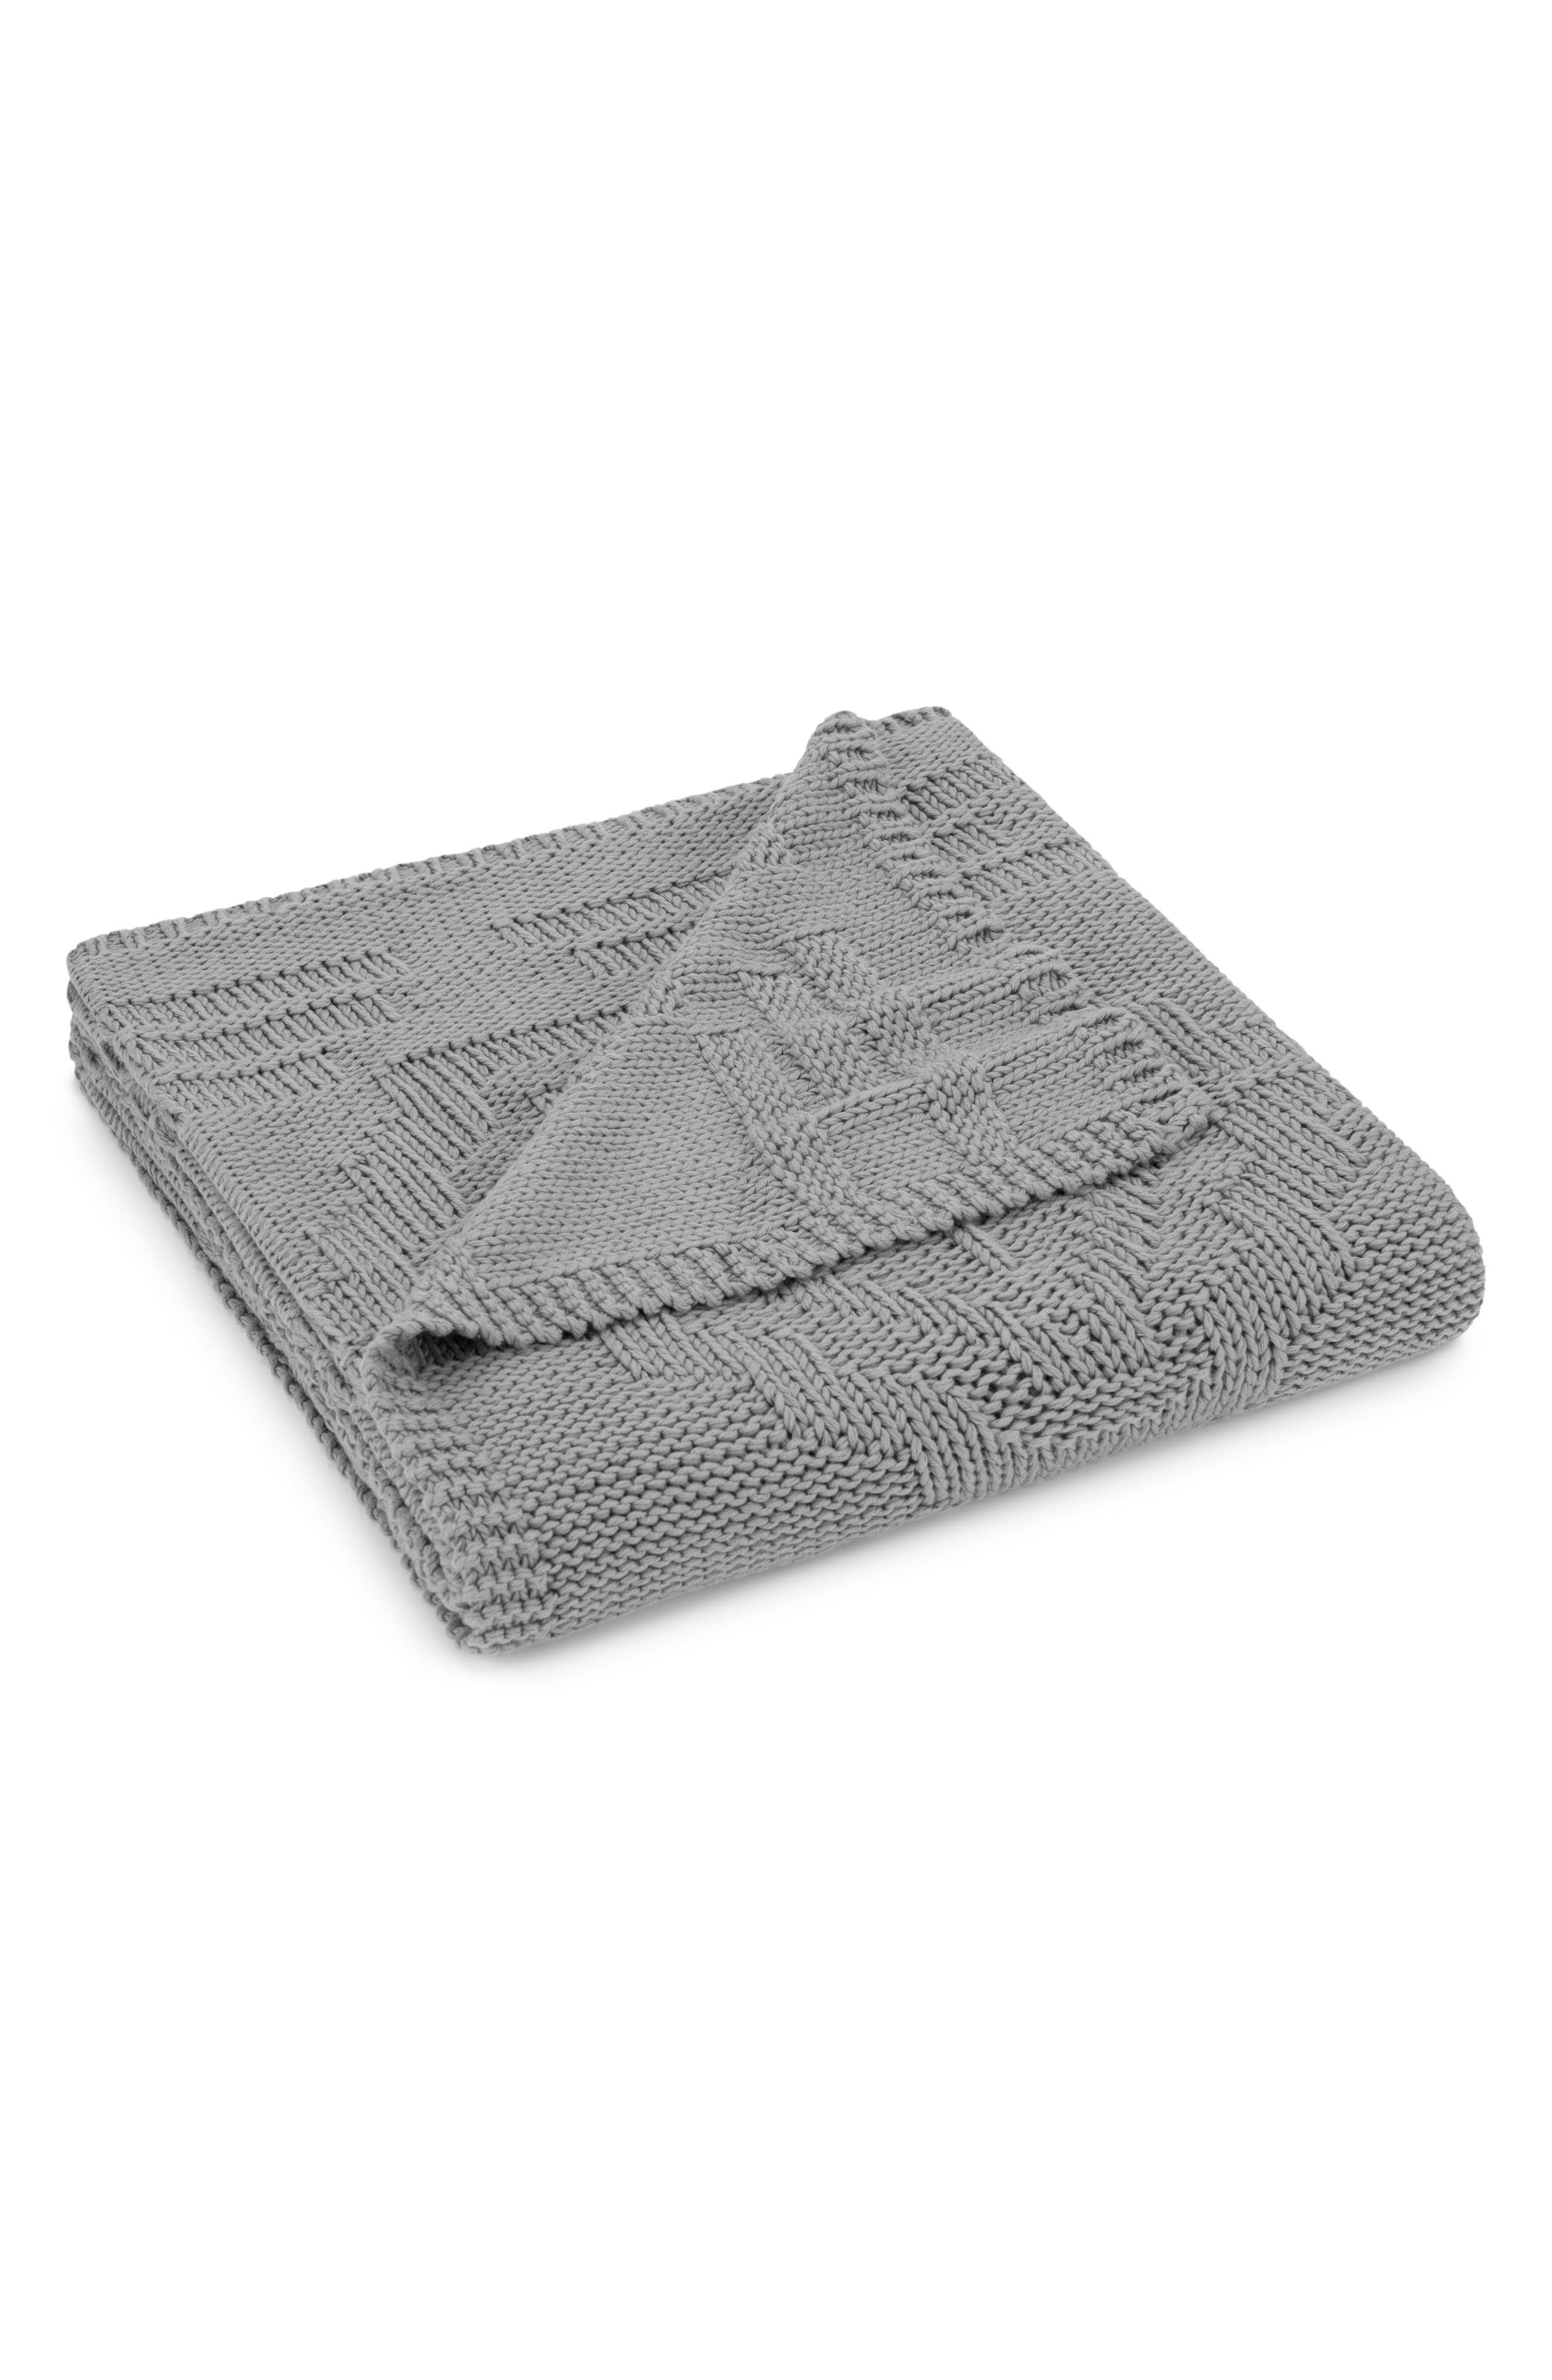 Santa Clara Knit Throw,                         Main,                         color, GRAY